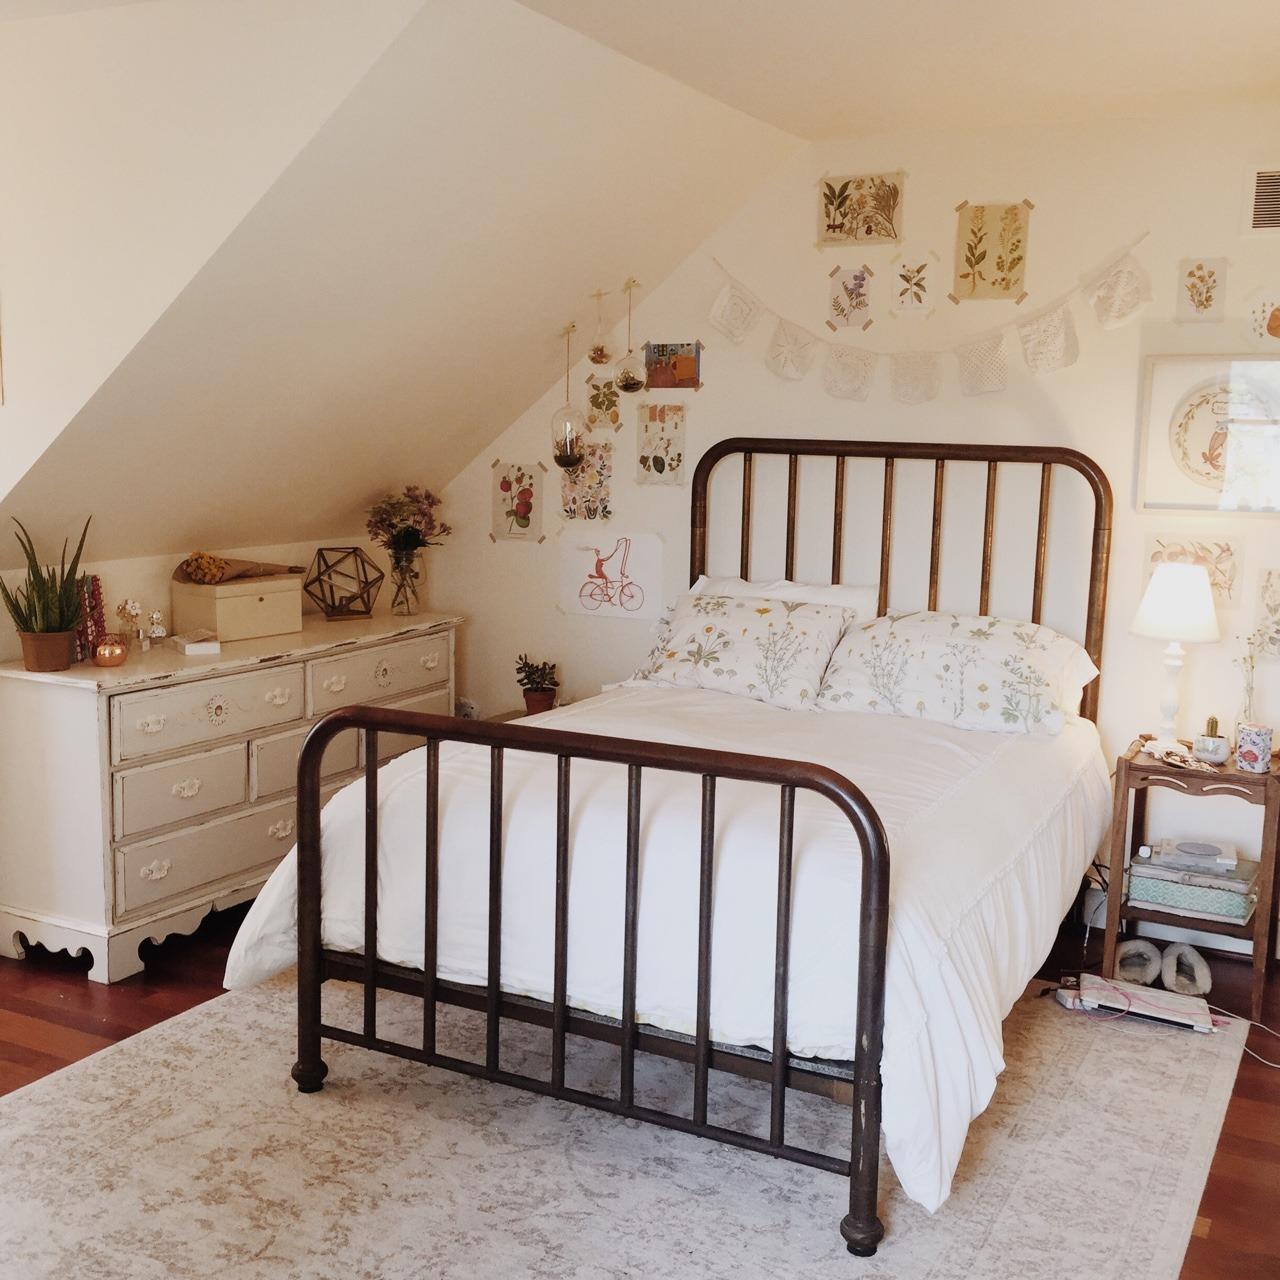 tumblr bedrooms on Room Decor Tumblr id=97800